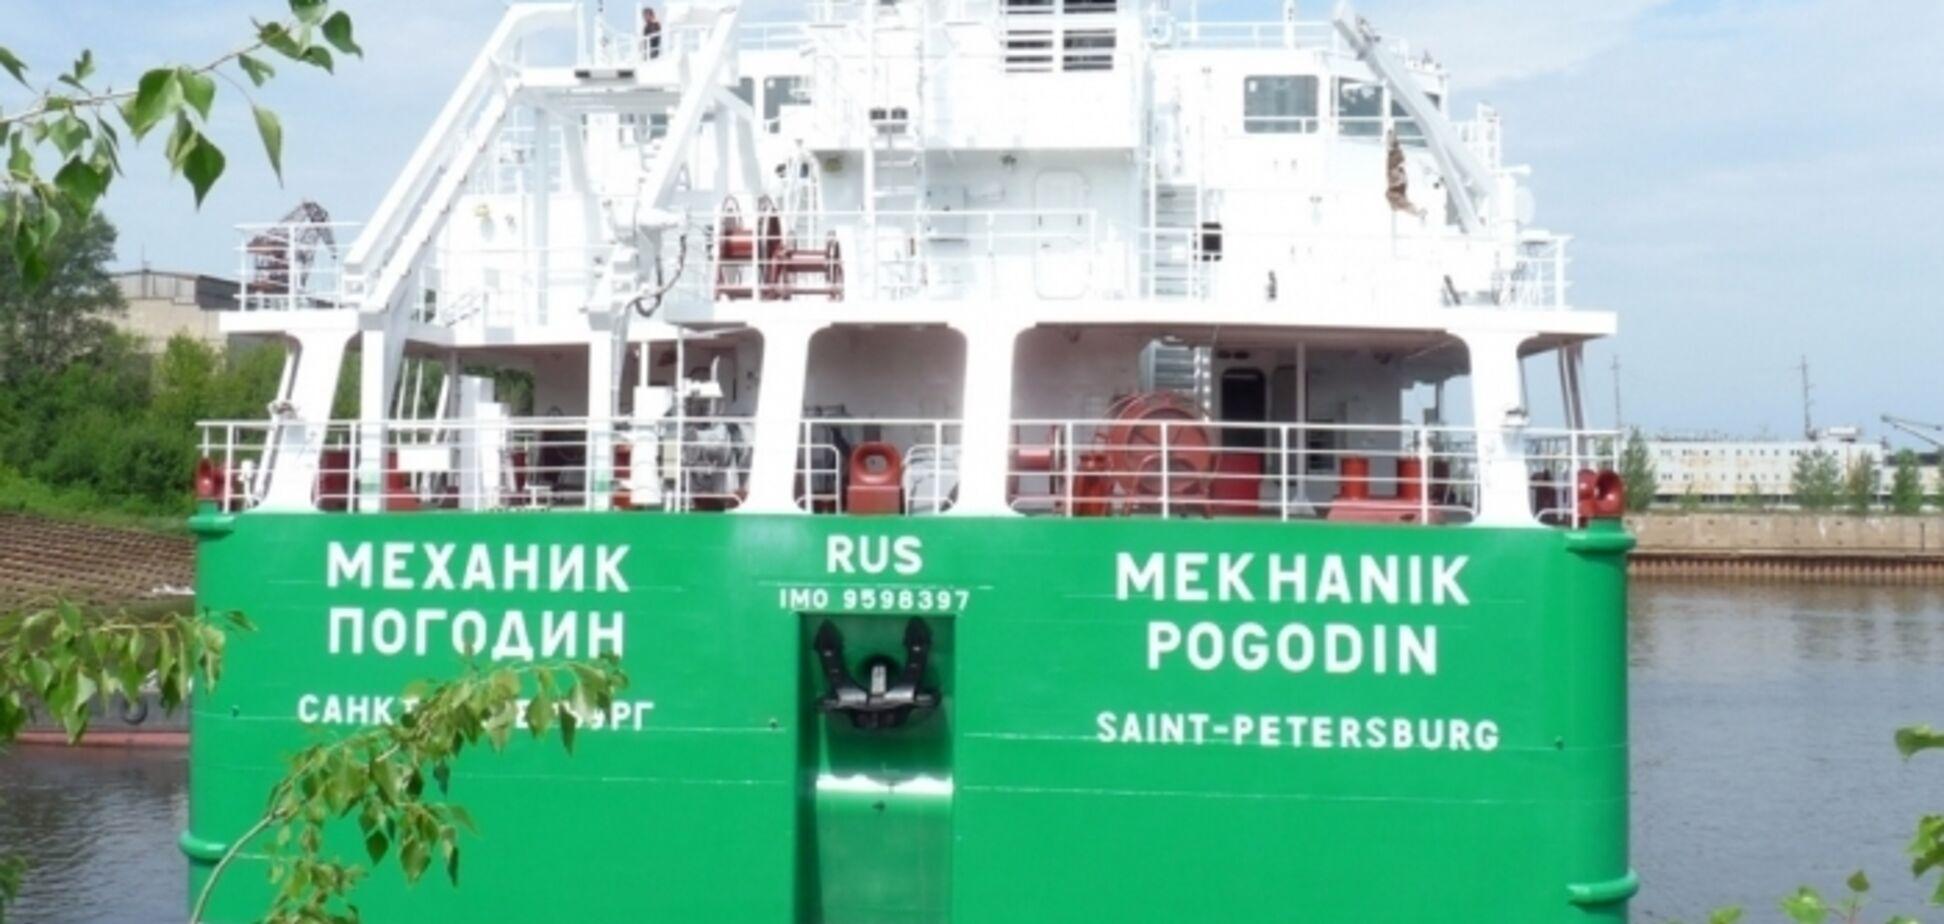 У Херсоні перехопили судно Росії з 'чорного списку'